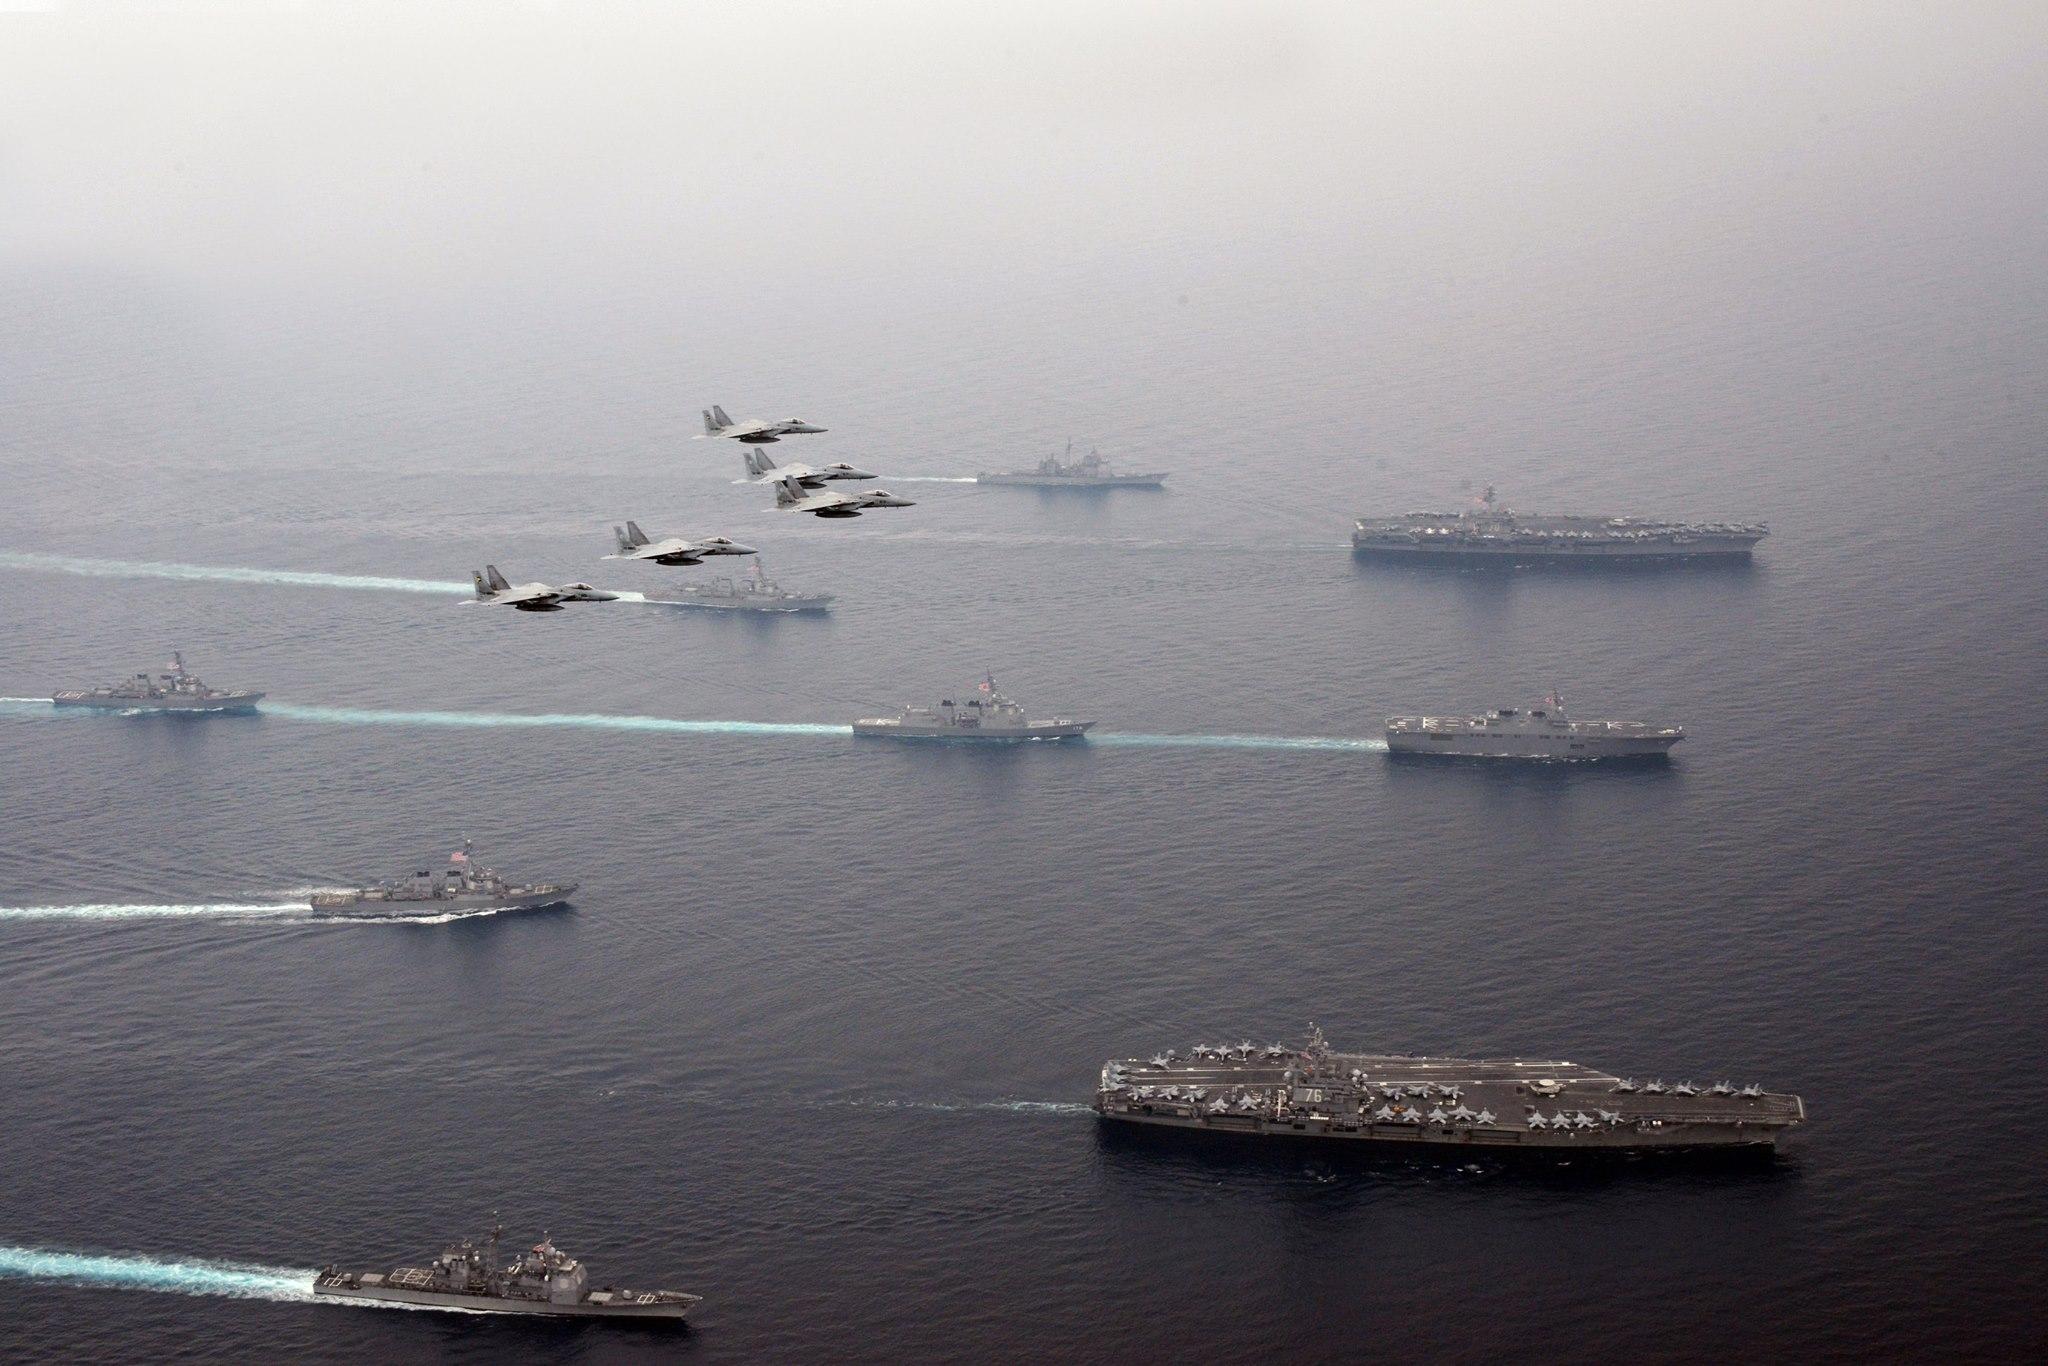 日本海で共同訓練を開始した日米連合艦隊の規模が凄いことになっててワロタwwwwwwwwwwwwwのサムネイル画像